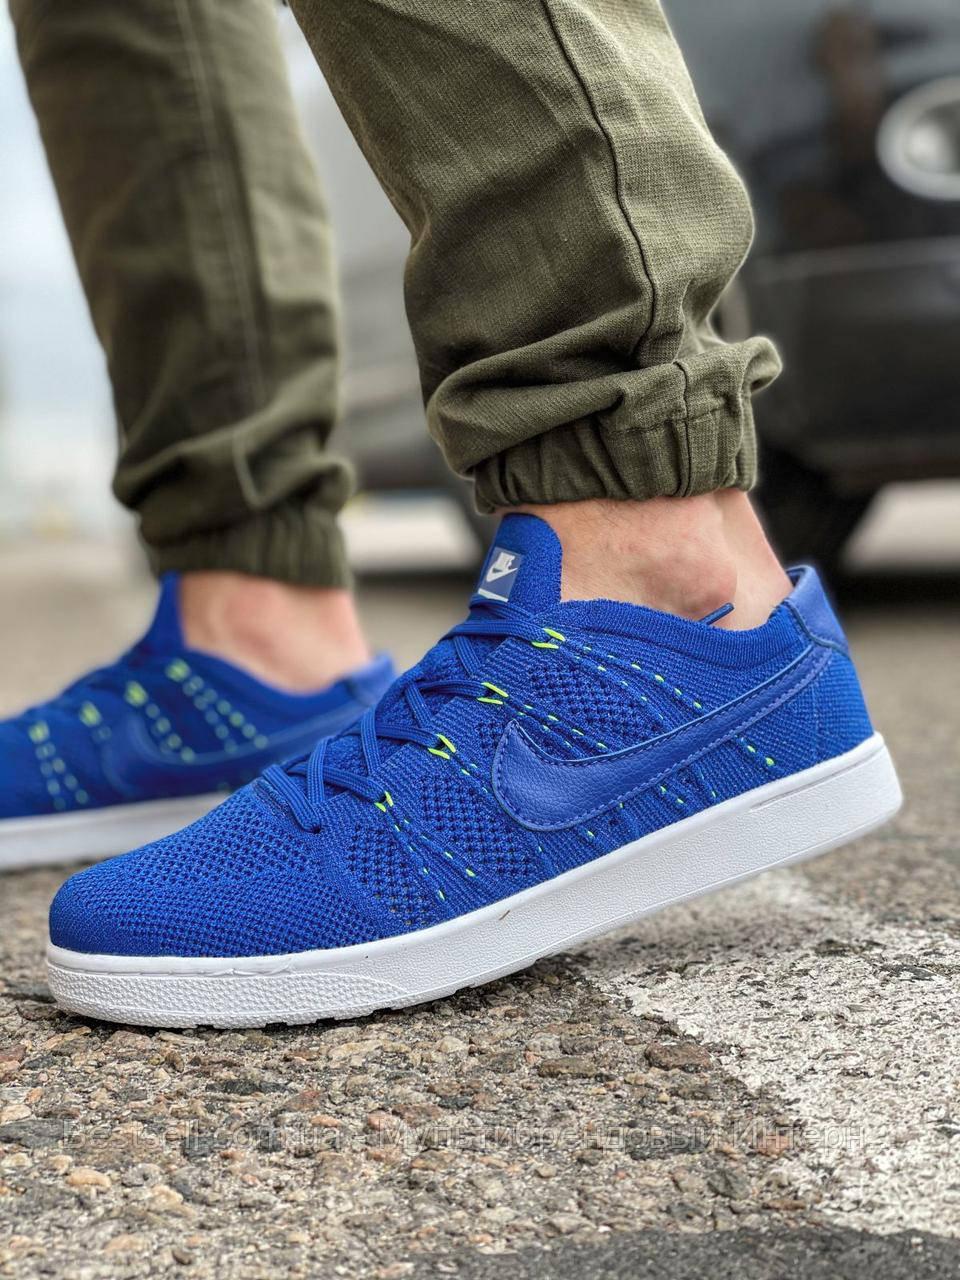 Кросівки чоловічі 18083, Nike Tennis Classic Ultra Flyknit, темно-сині, [ 41 42 43 44 45 ] р. 41-26,5 див.